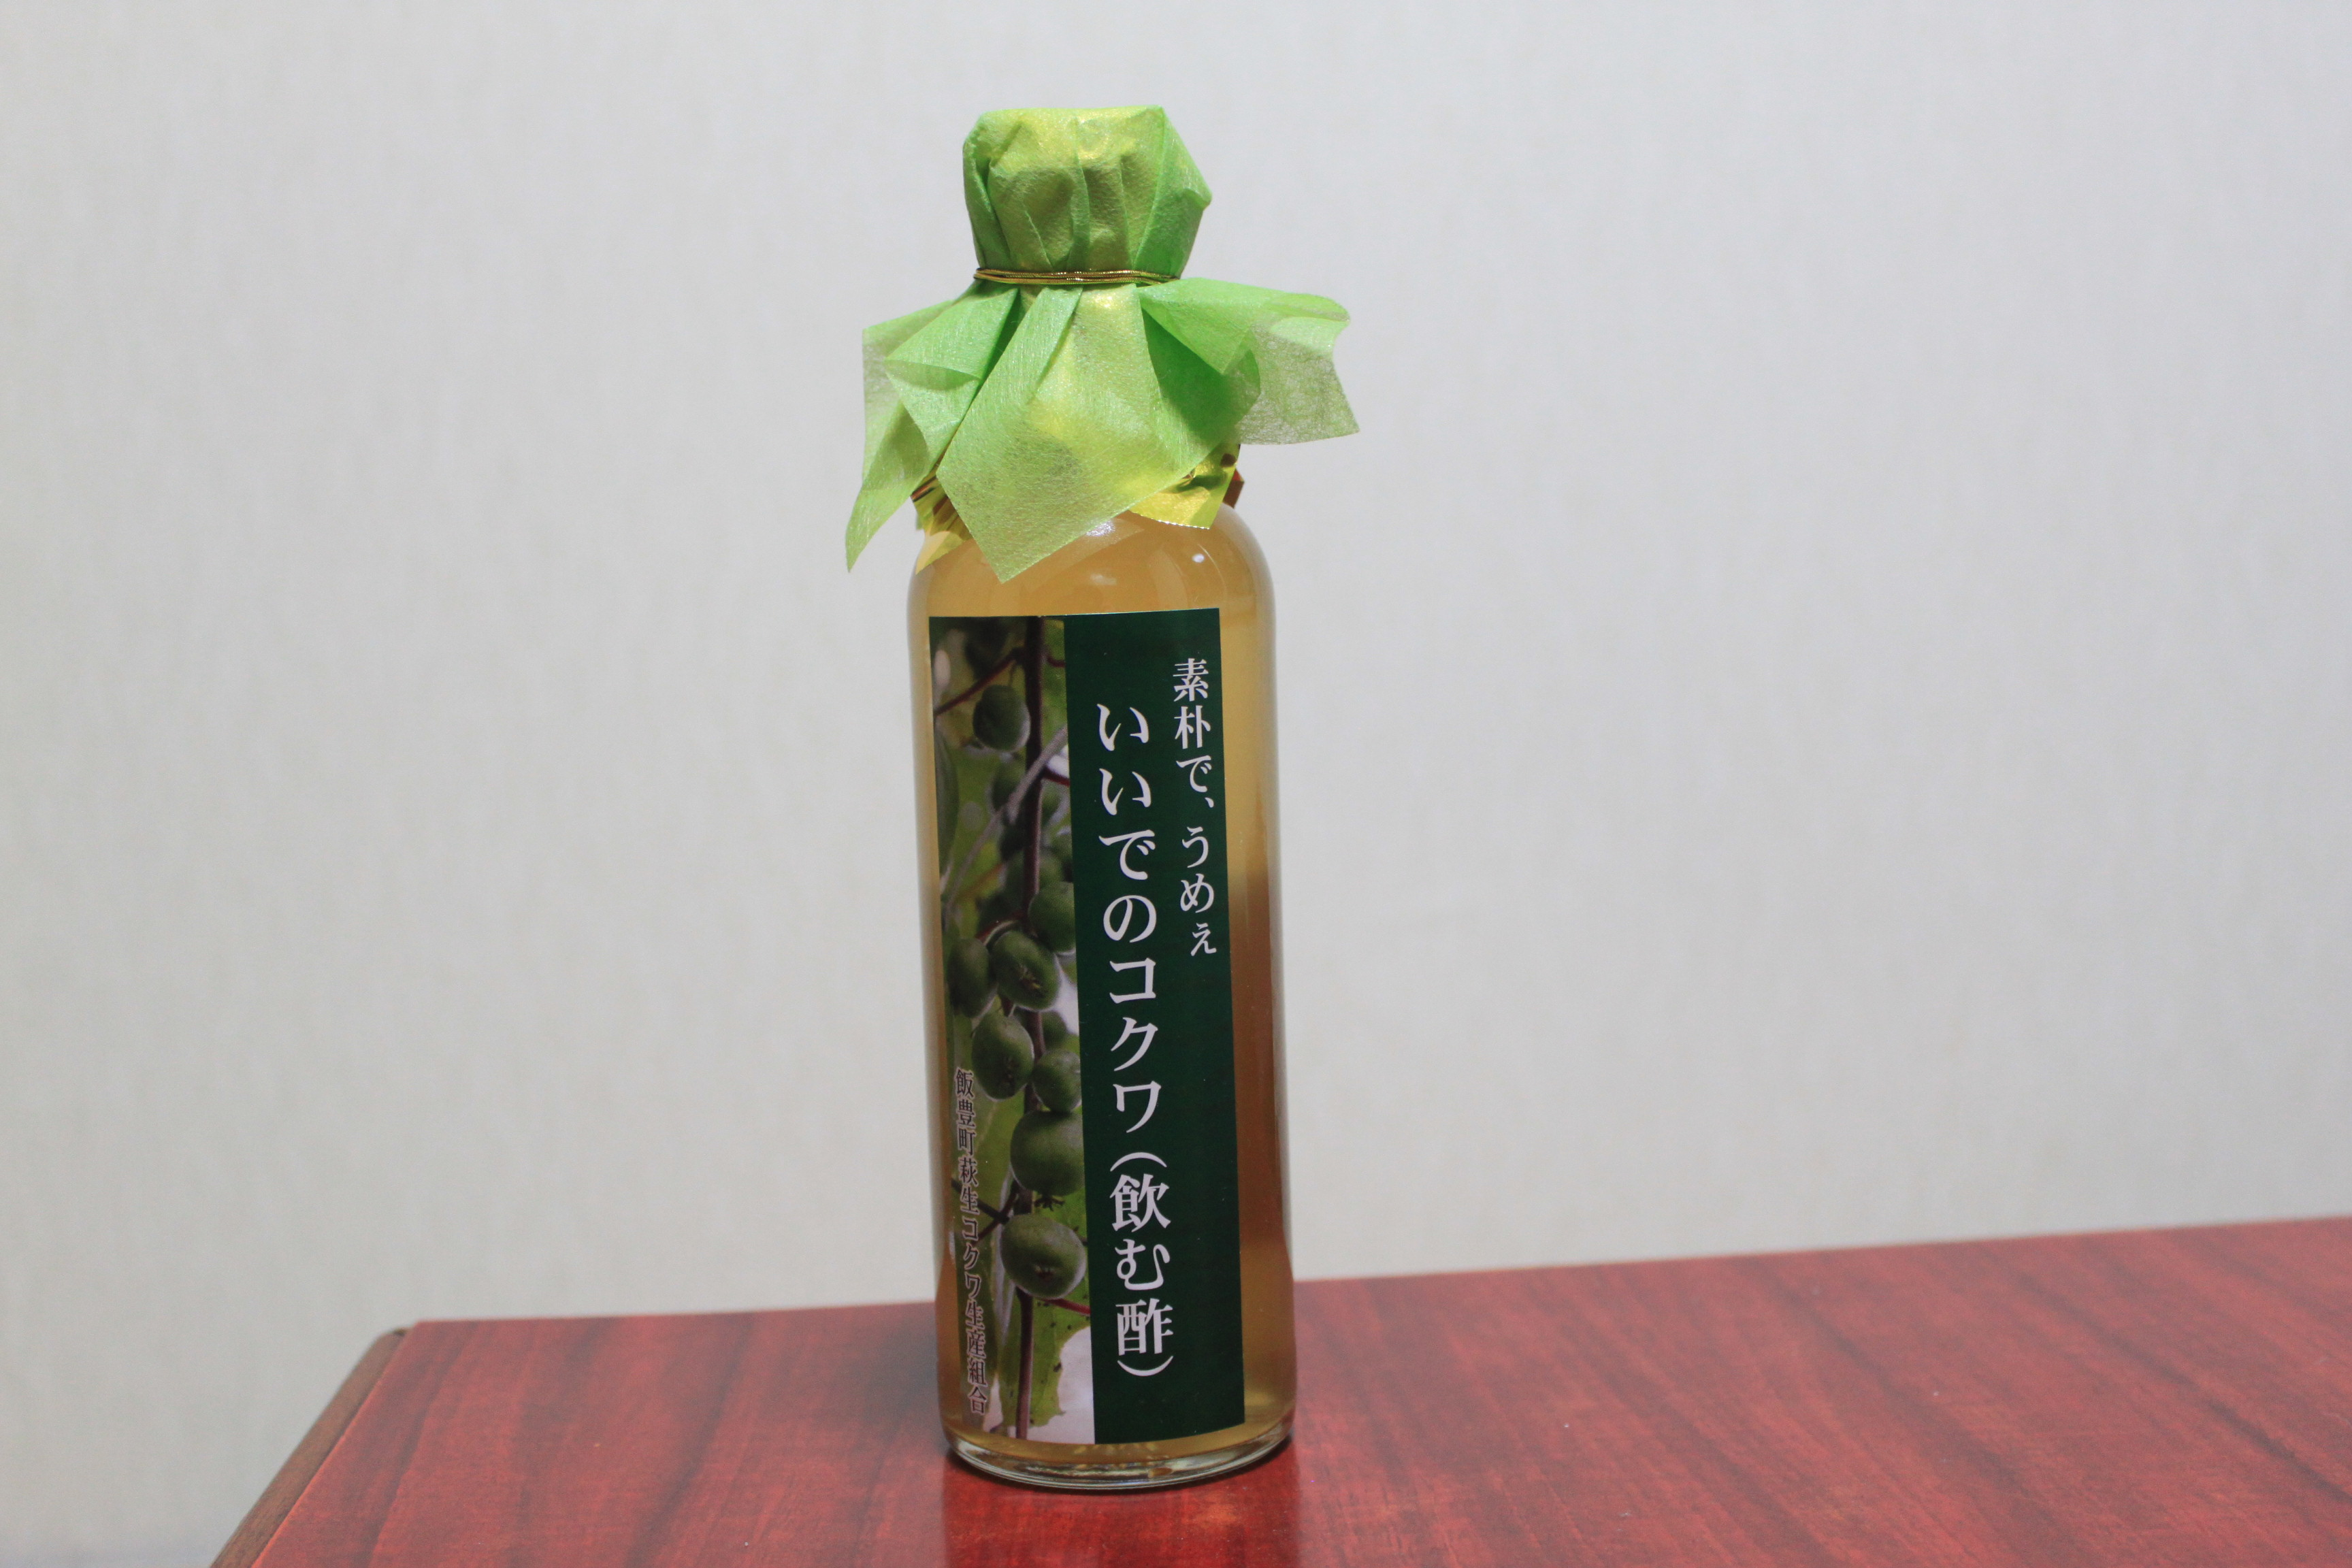 飯豊の飲むコクワ酢:画像